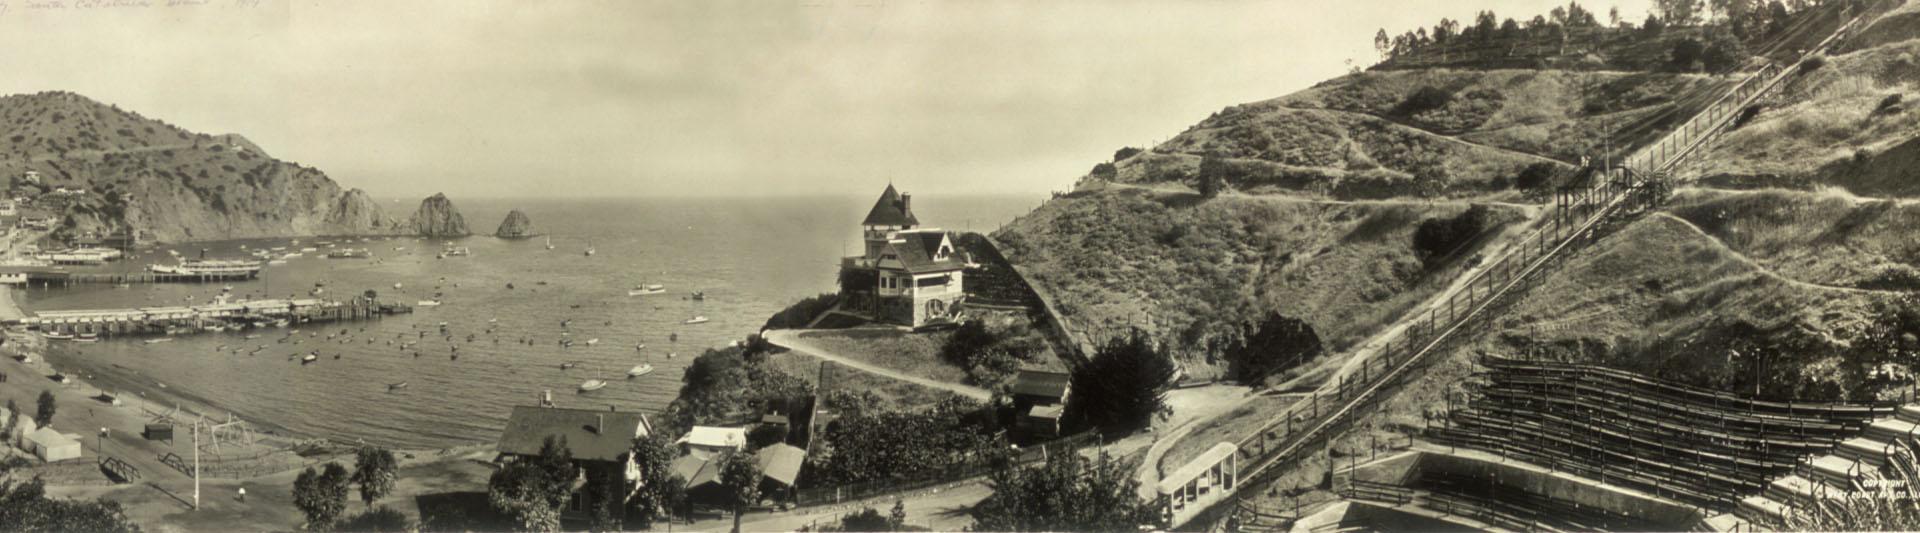 Catalina Island (1904-1923)